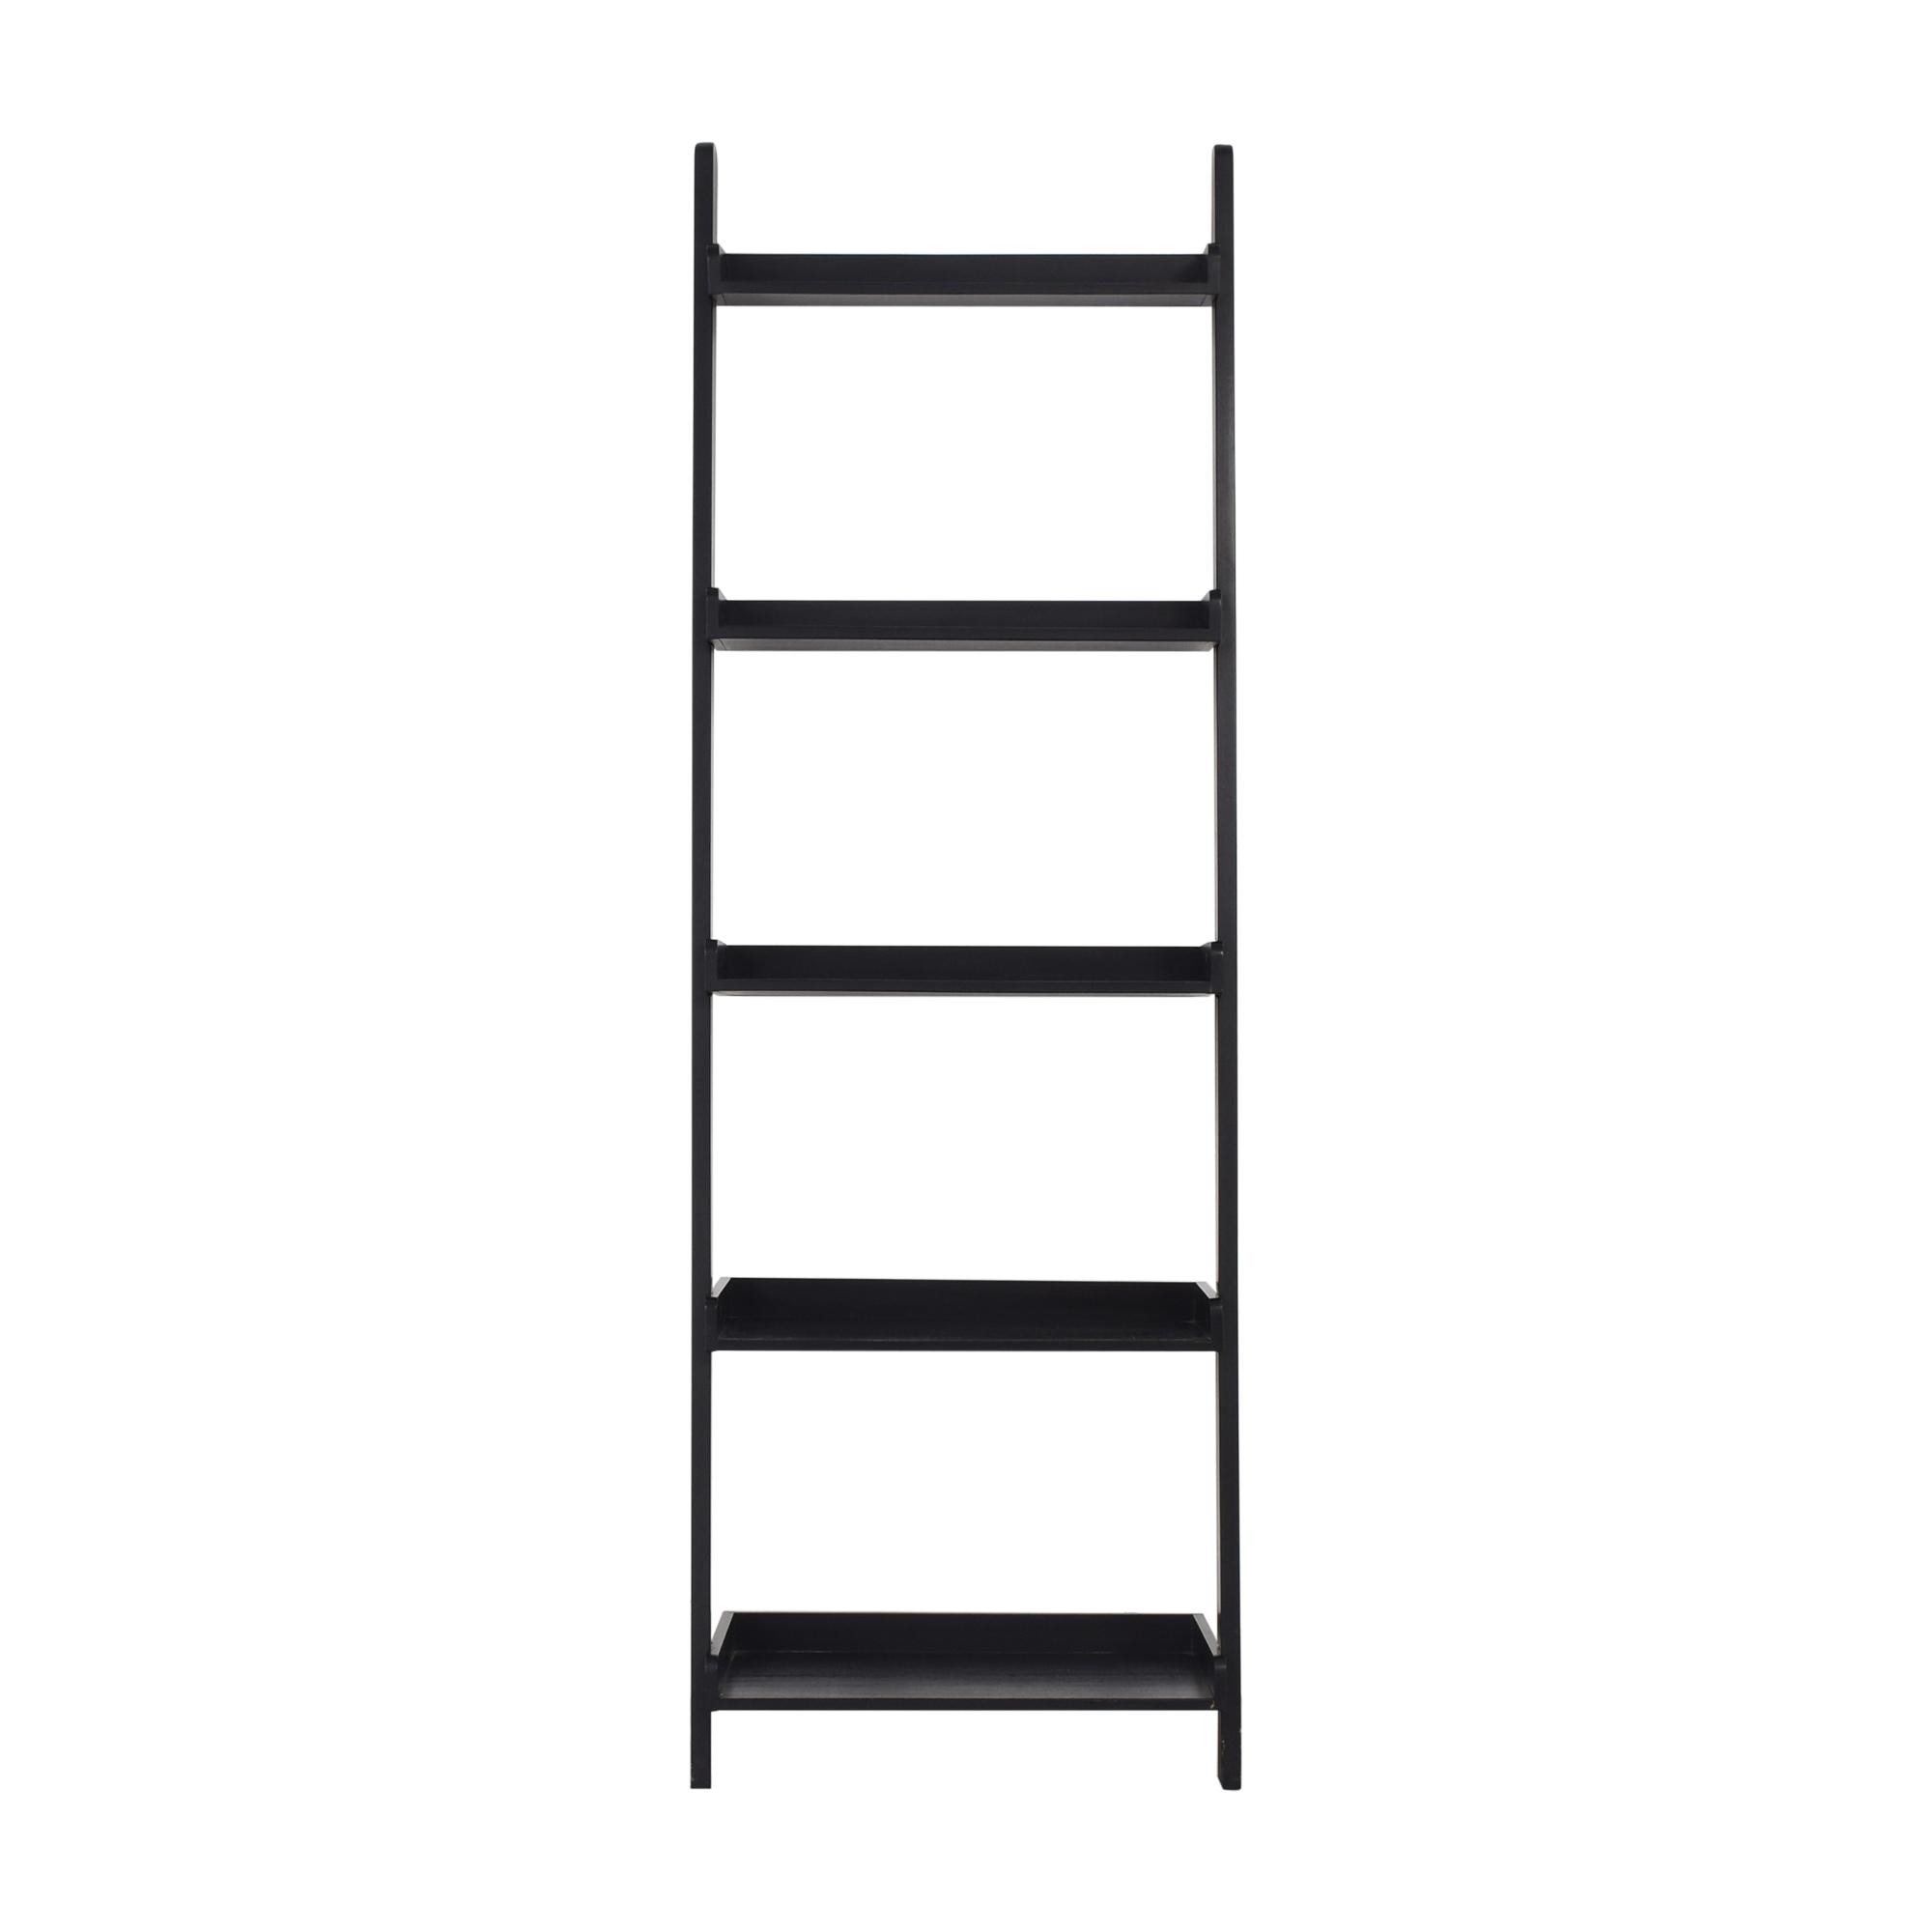 Crate & Barrel Crate & Barrel Ladder Bookcase Storage